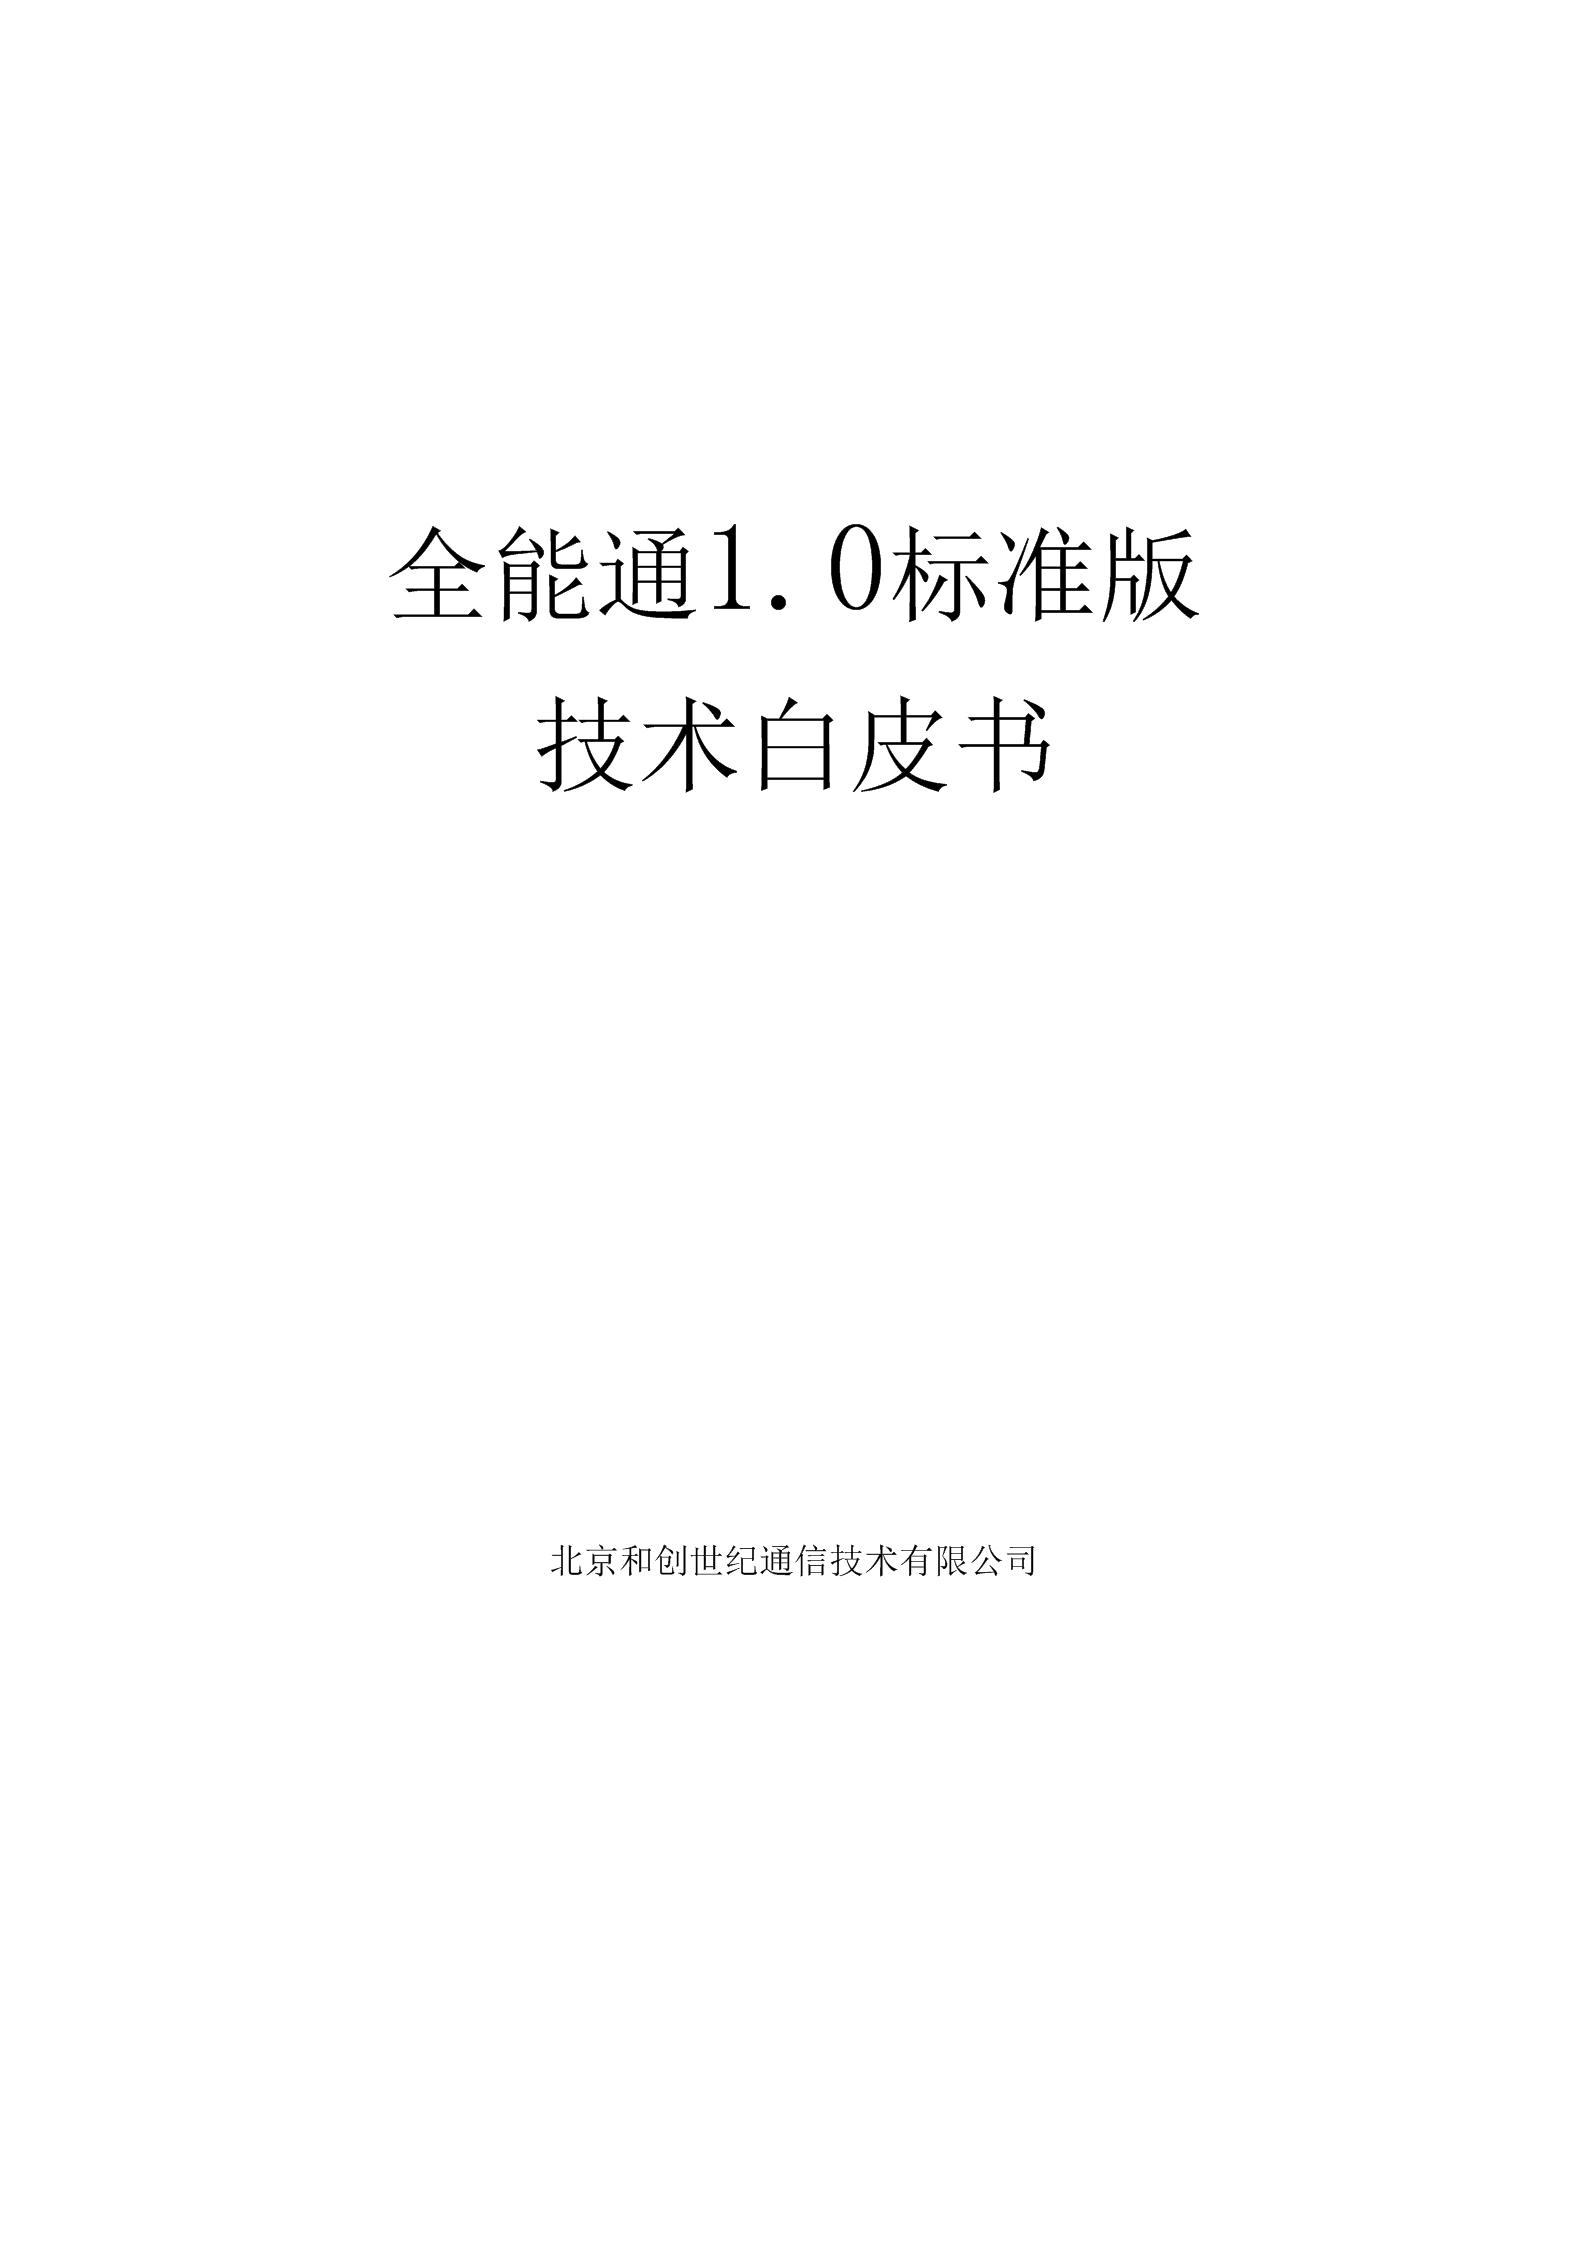 全能通1.0标准版技术白皮书.docx